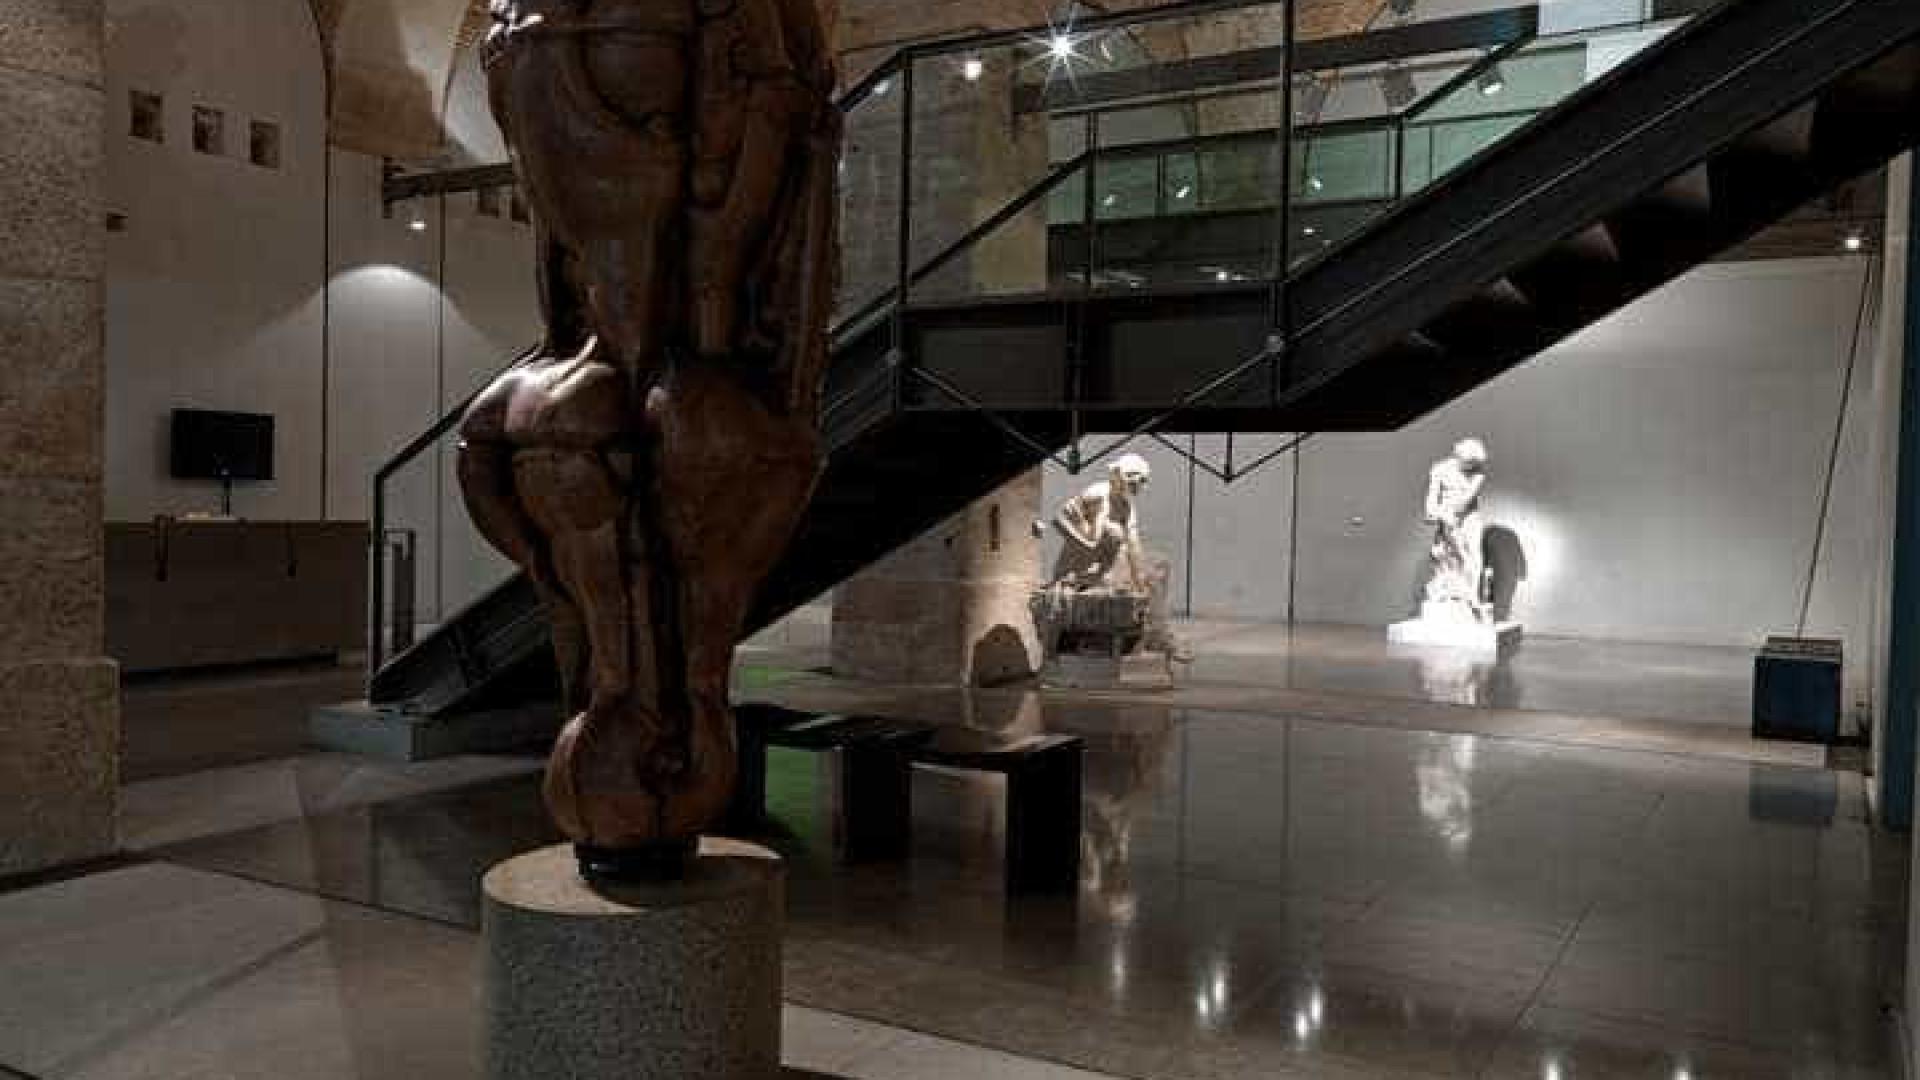 Estereótipos de género em foco a partir de hoje numa exposição em Lisboa